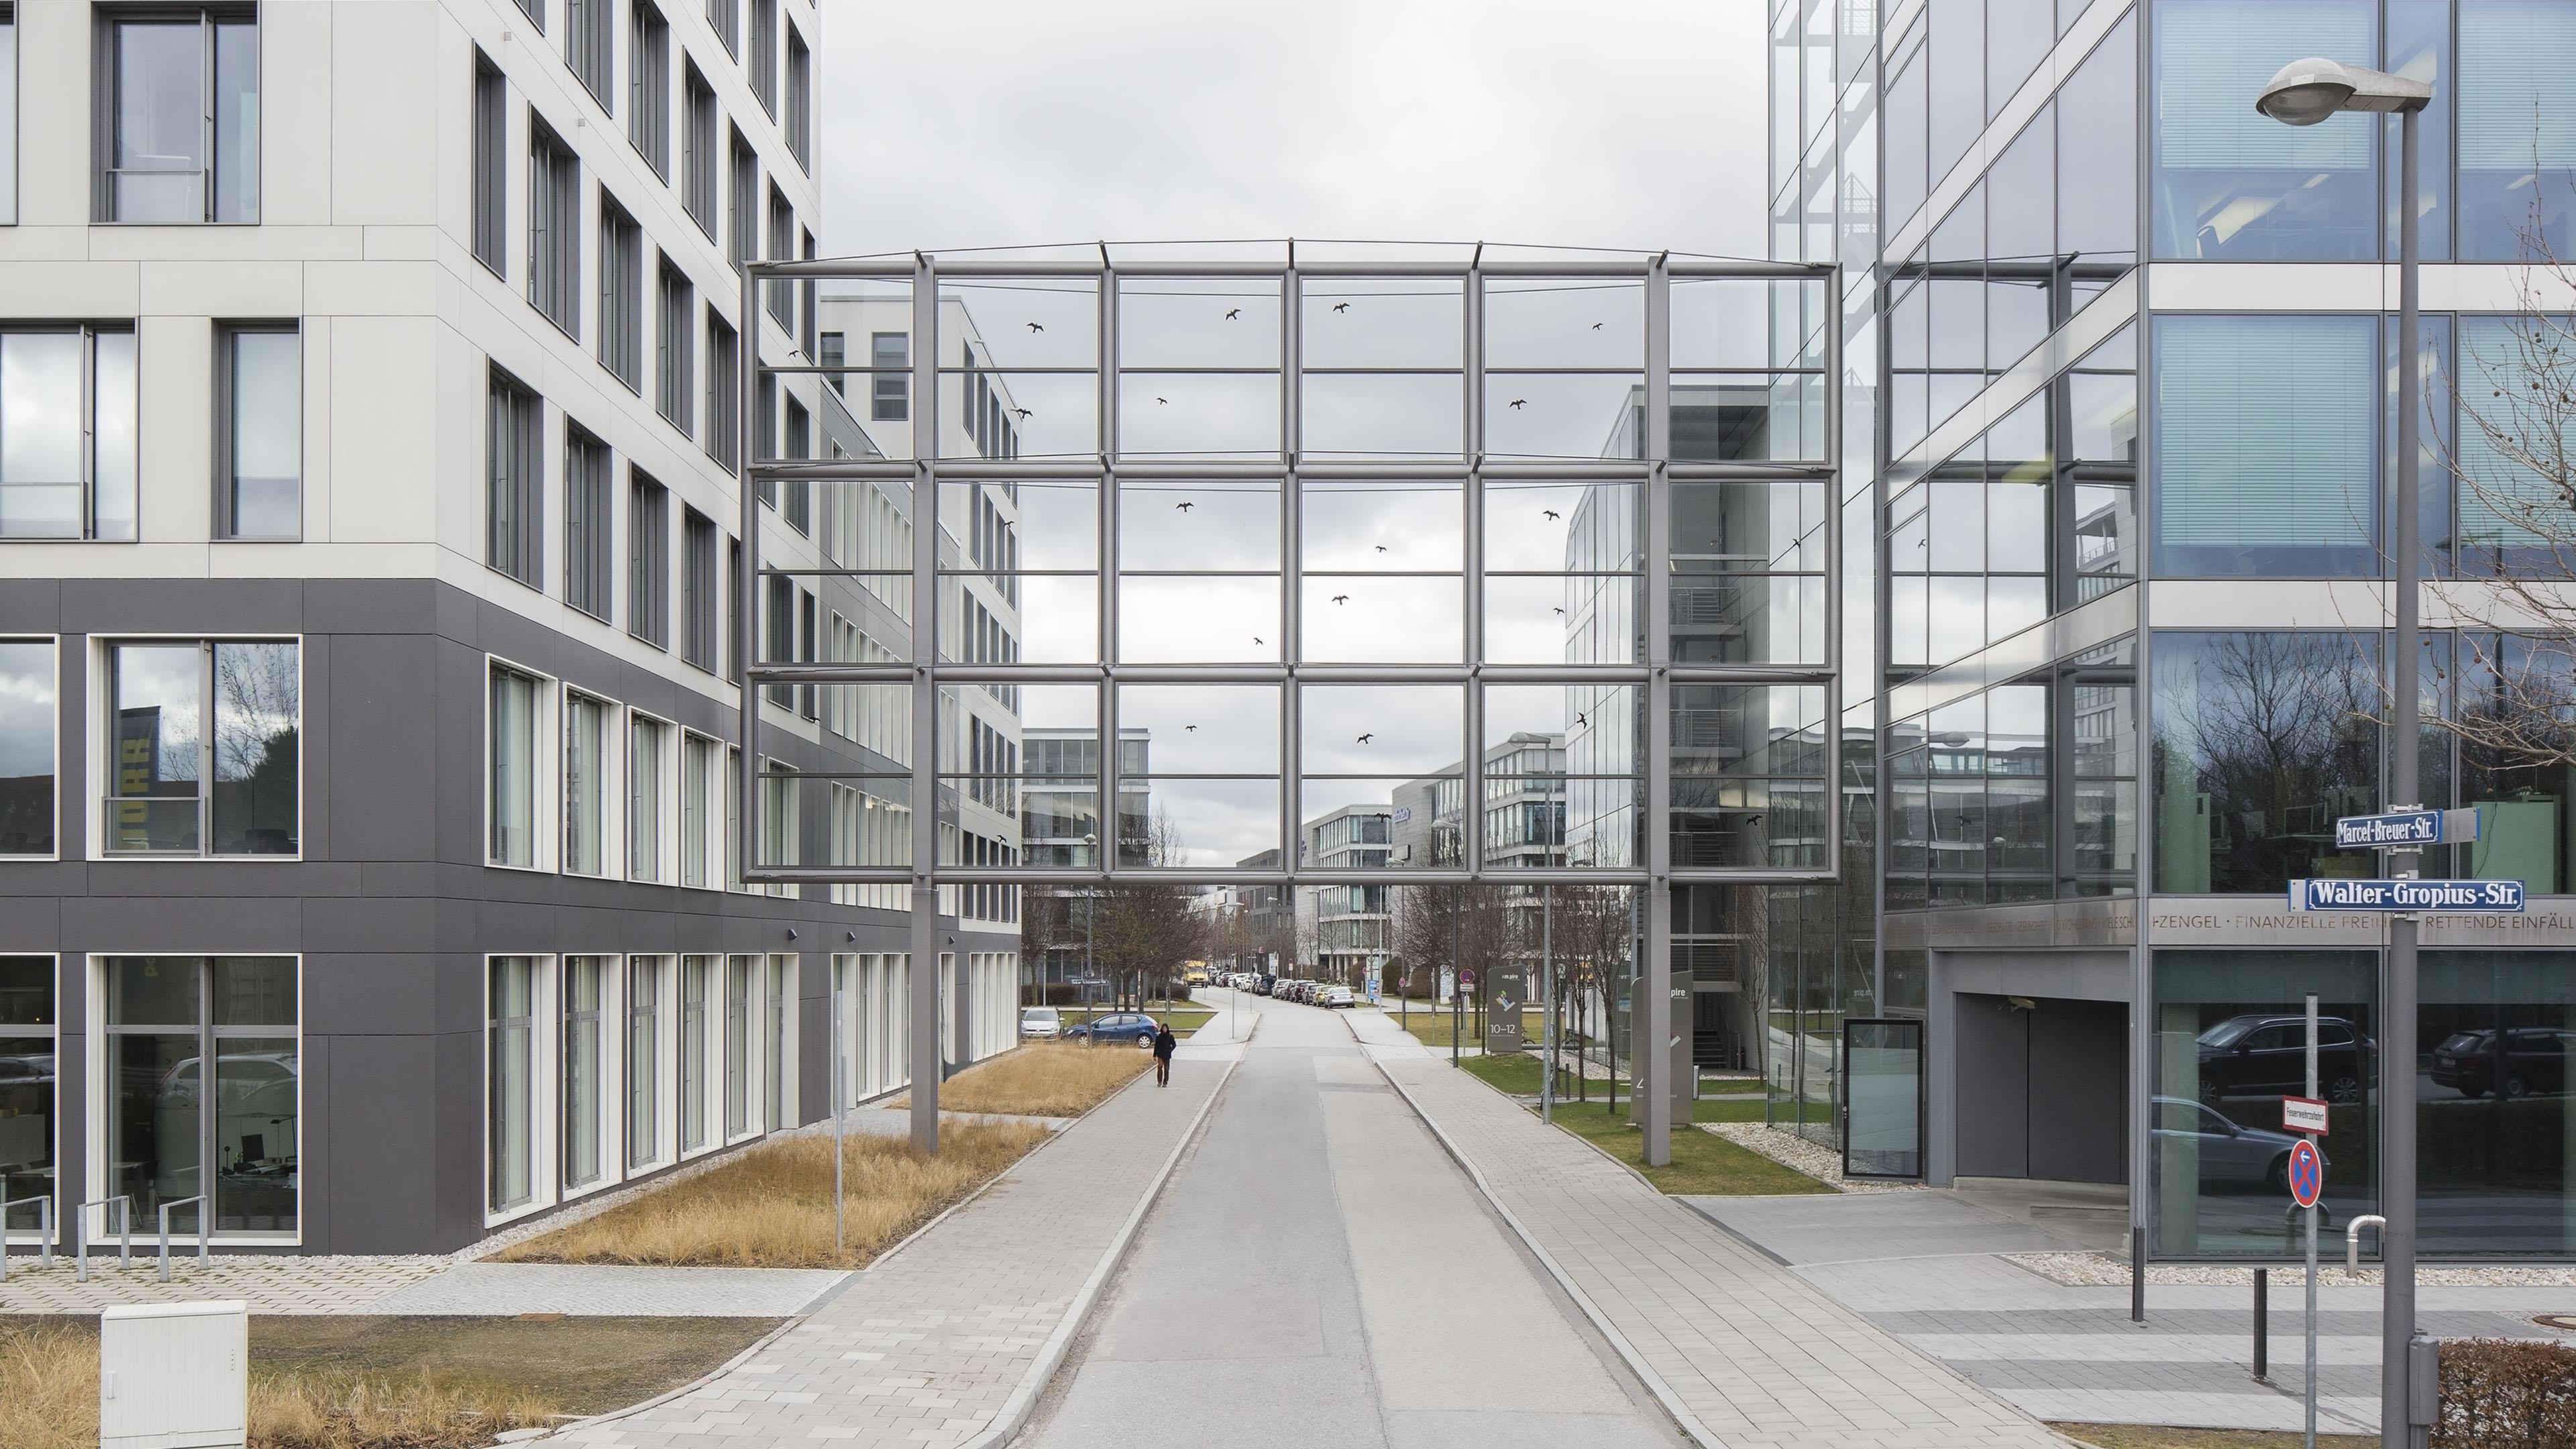 Schallschutzwand aus Stahl und Glas in Münschen